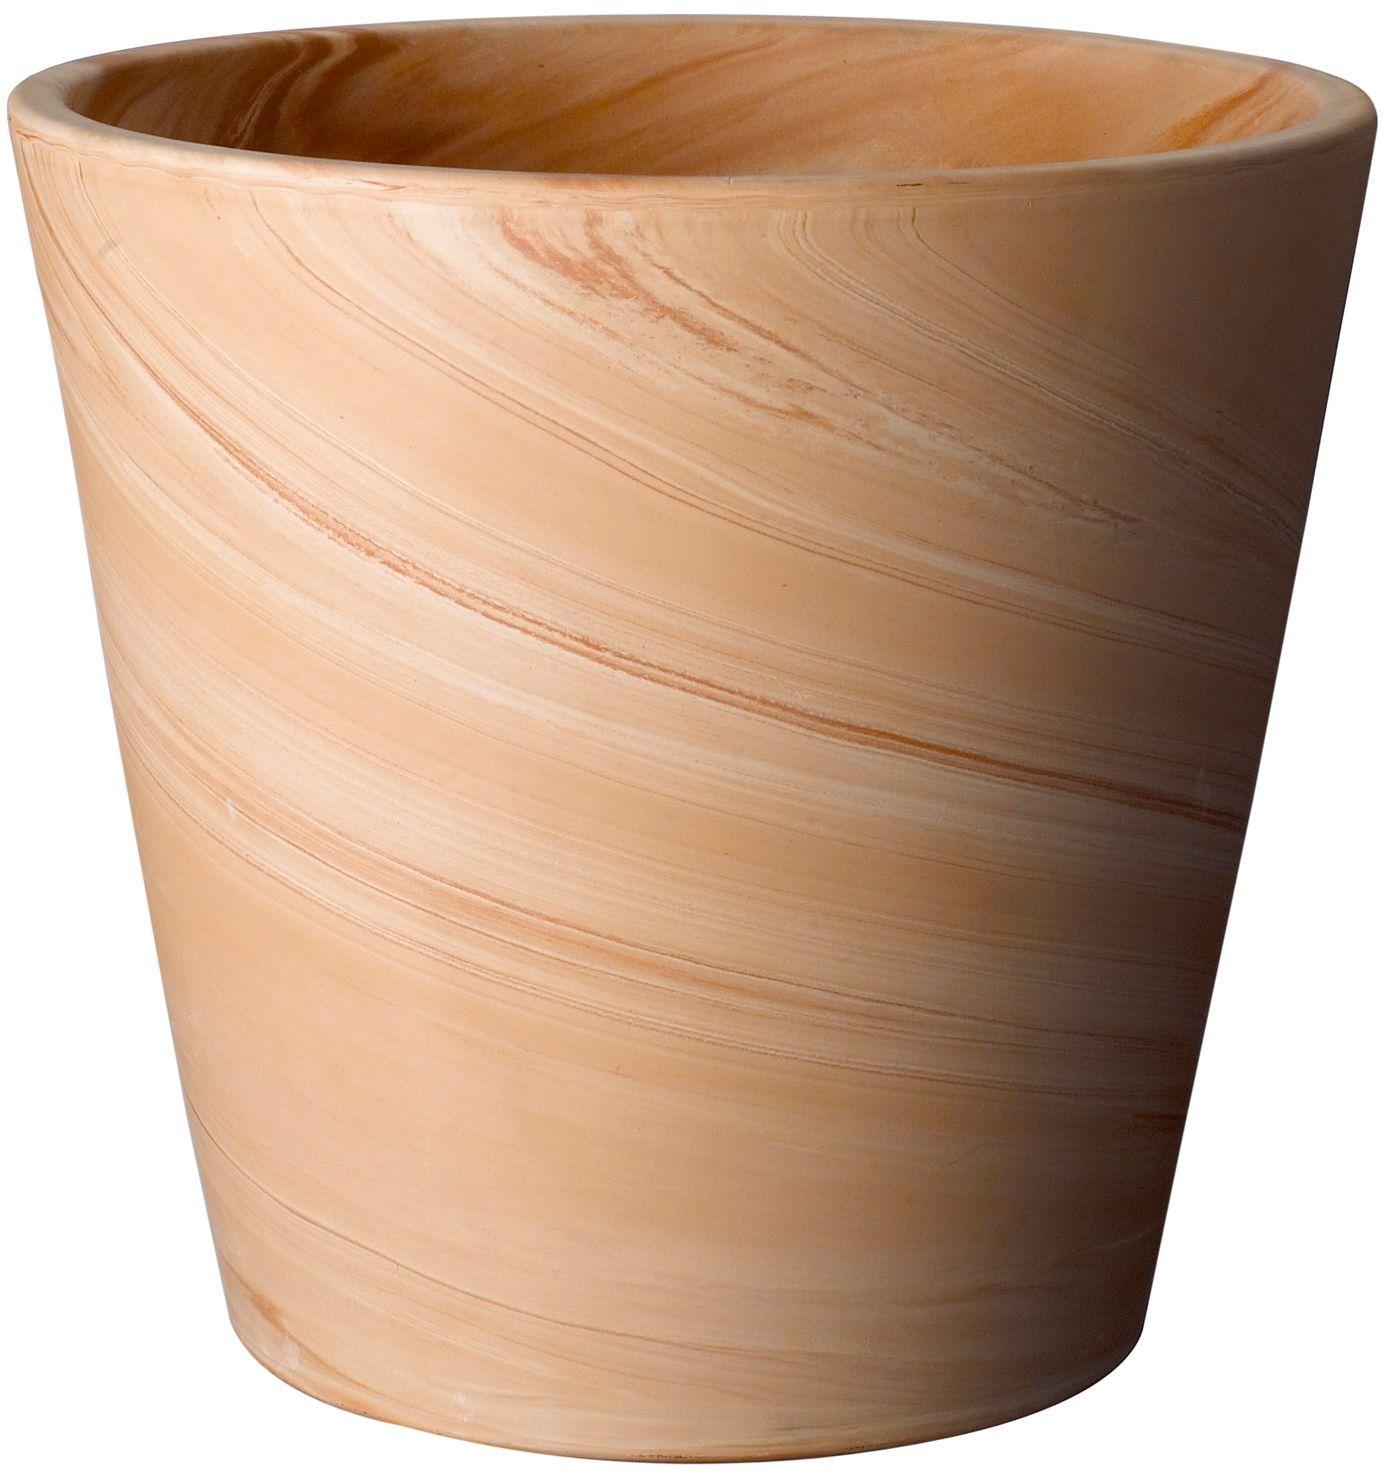 Terracotta Plant Pot H 220mm Dia 240mm Departments